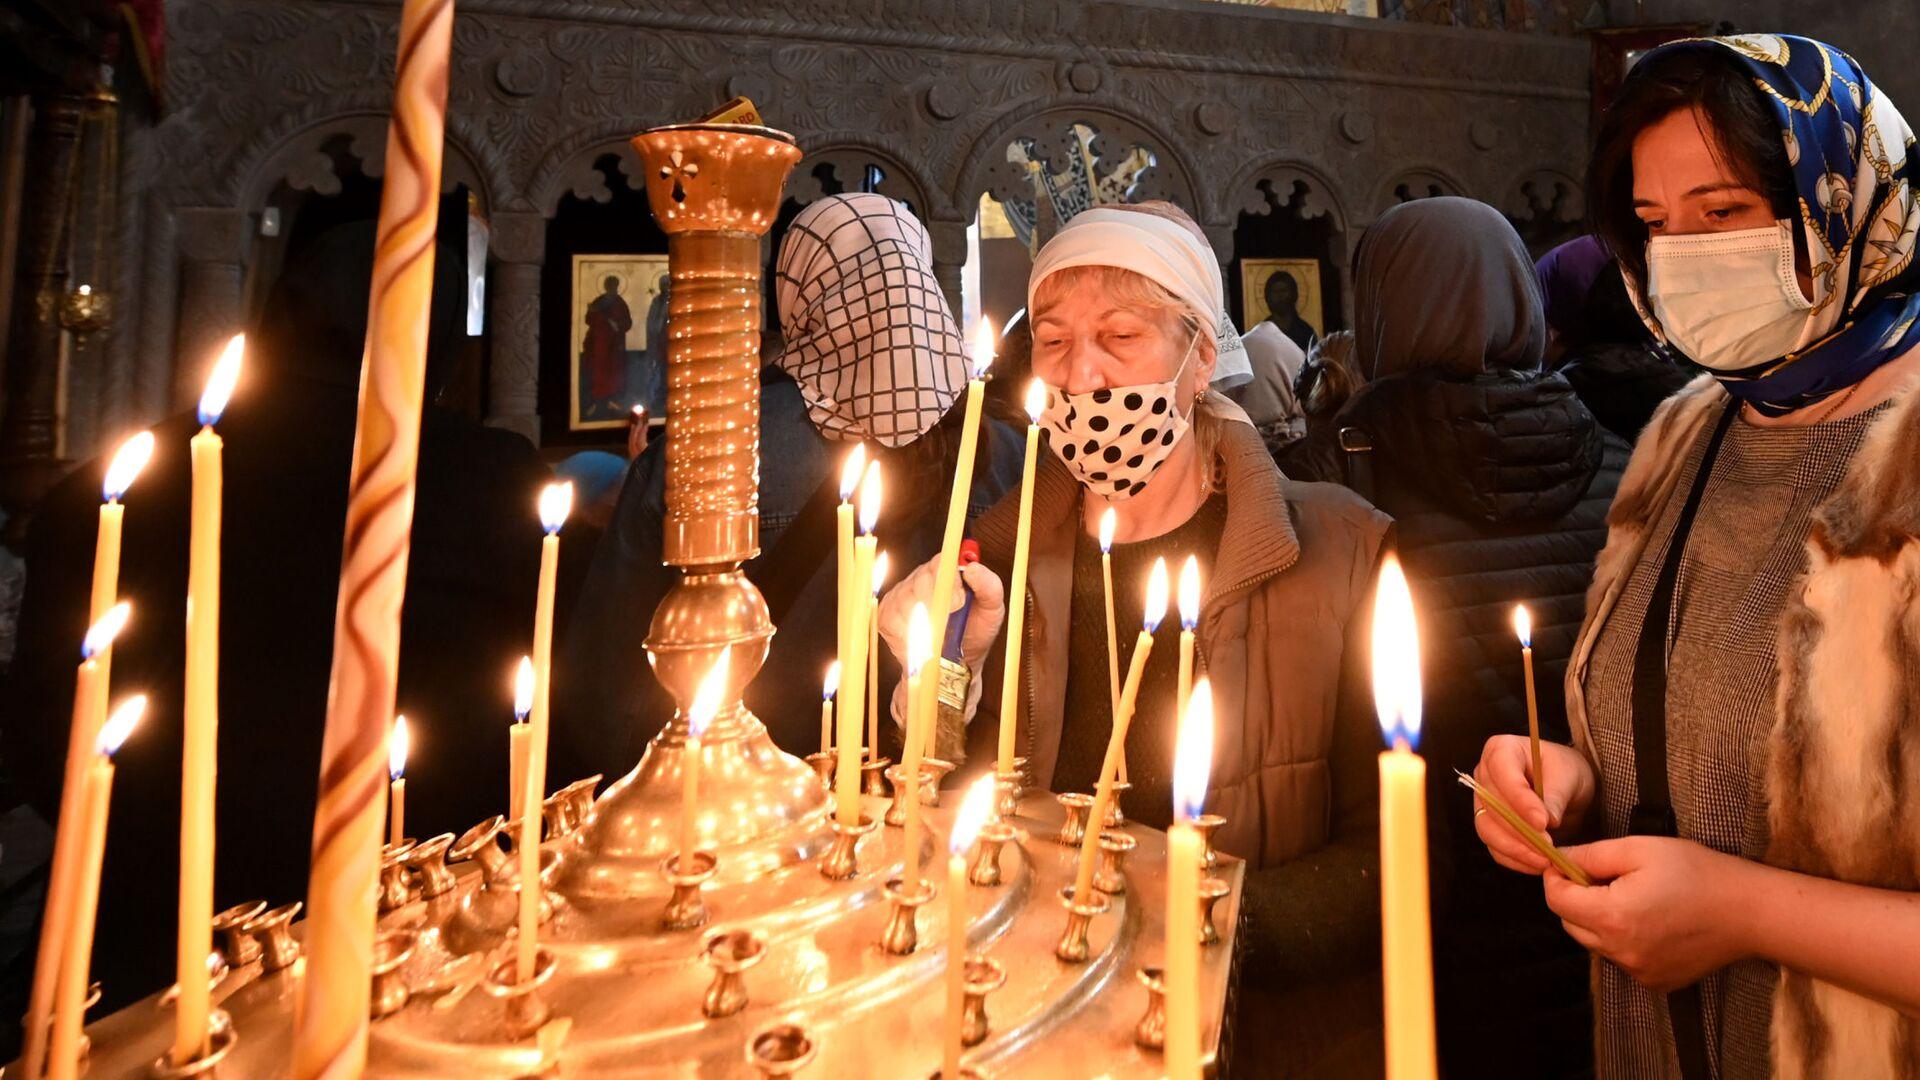 Православные верующие молятся в церкви на празднике Благовещения - Sputnik Грузия, 1920, 11.09.2021